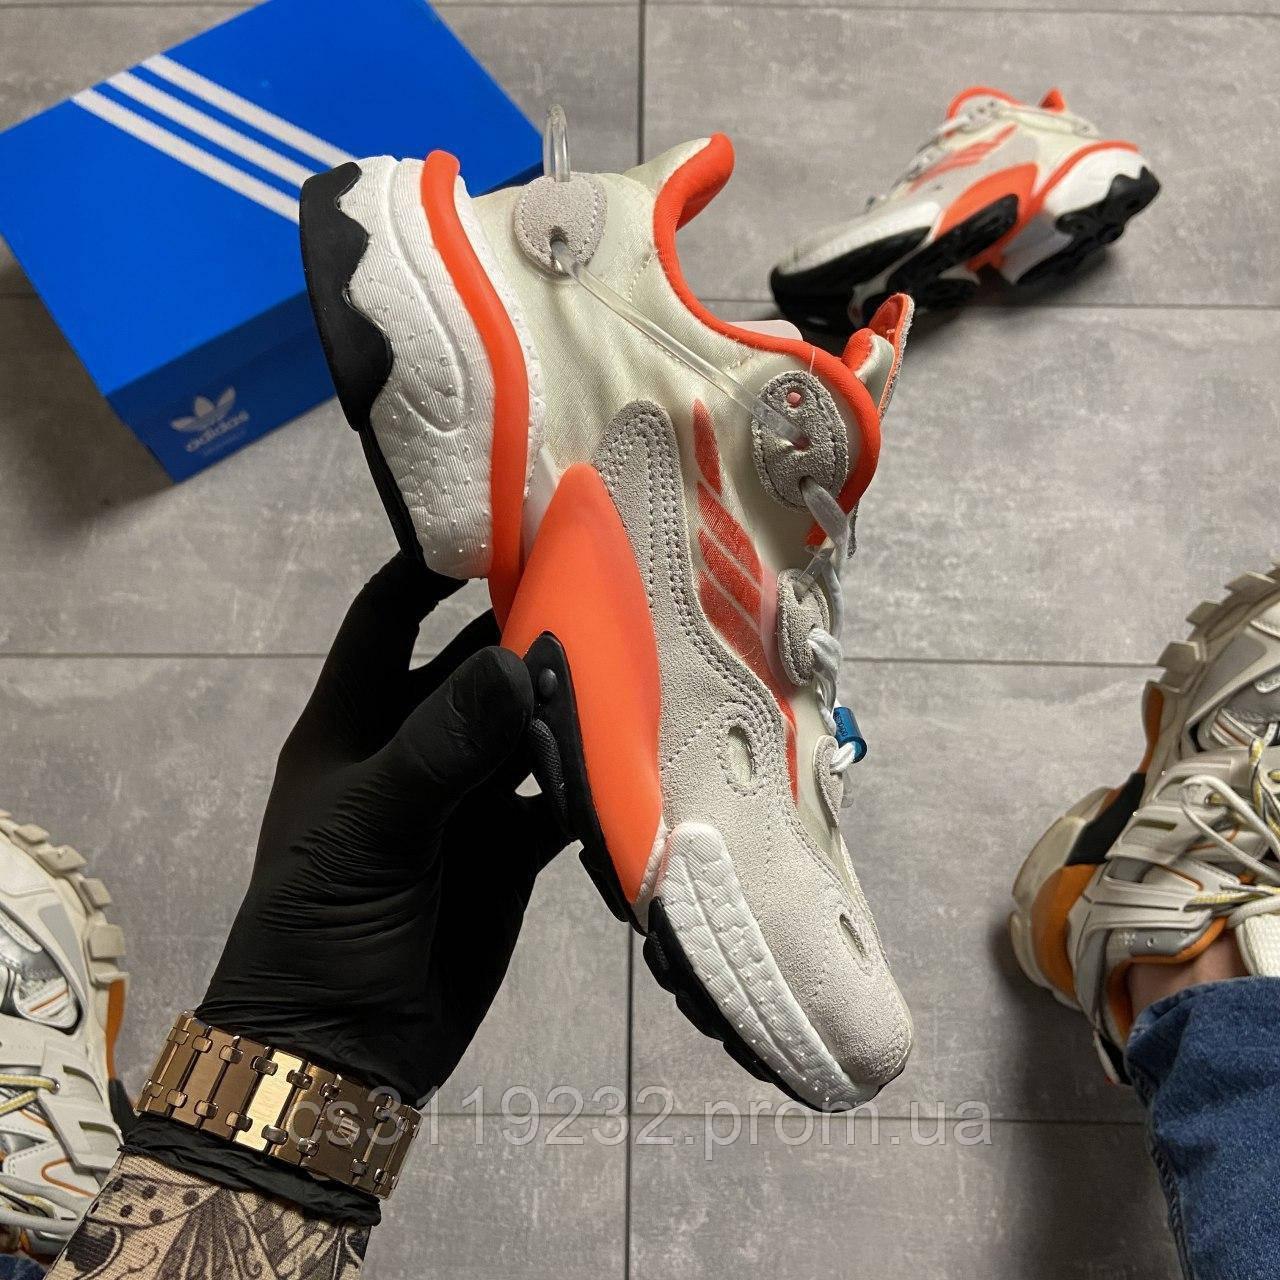 Мужские кроссовки Adidas Originals Torsion X White Grey Orange (серо-оранжевые)